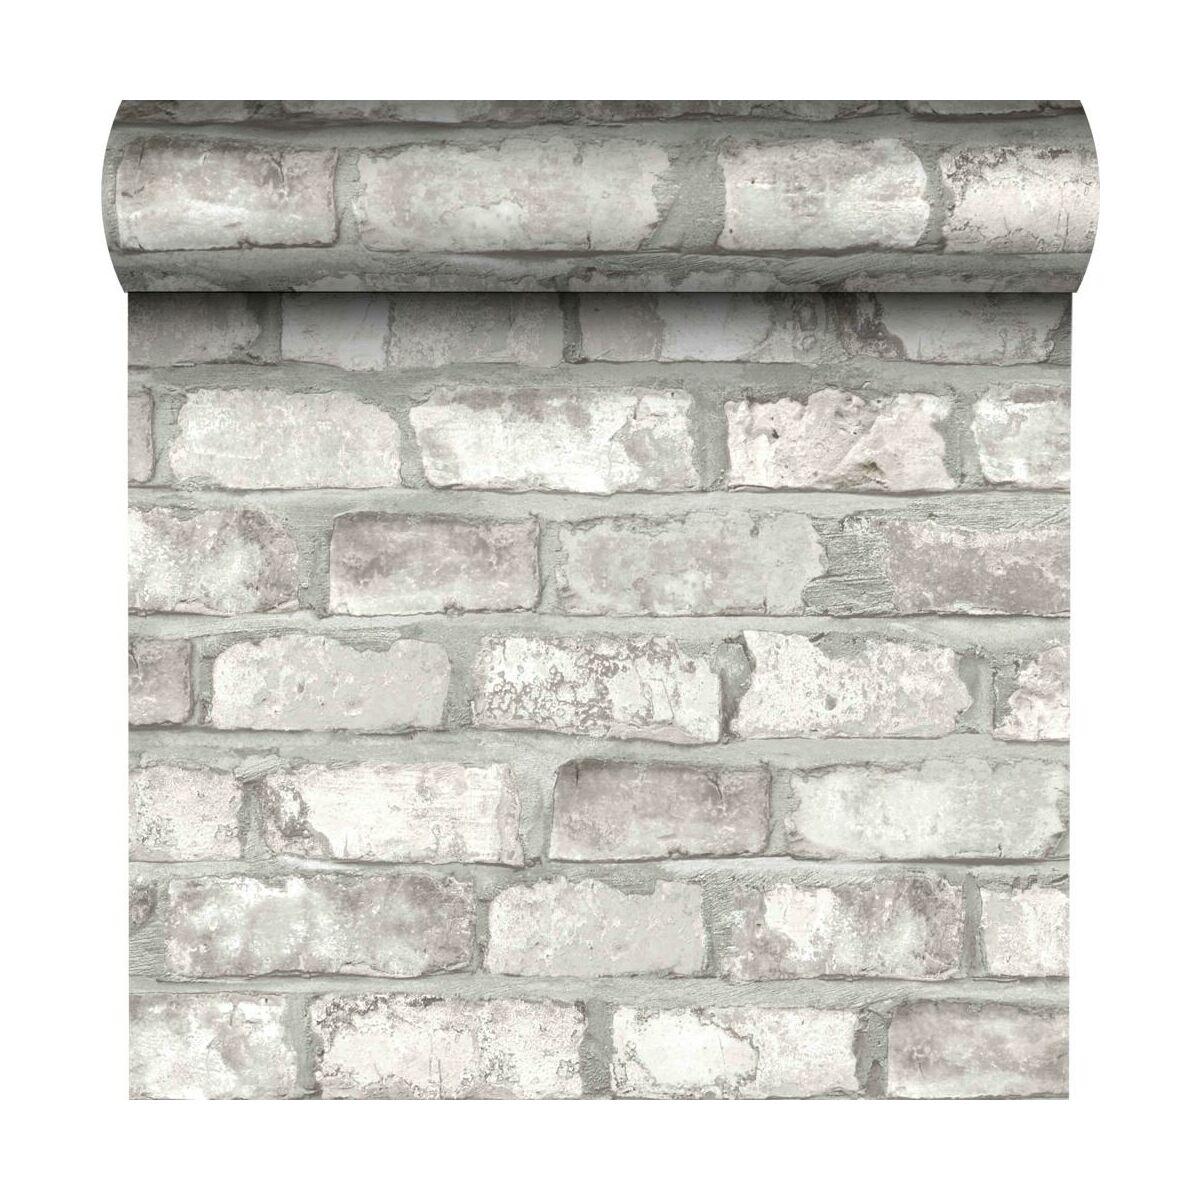 Tapeta White Brick 3d Biala Imitacja Cegly Winylowa Na Flizelinie Inspire Tapety W Atrakcyjnej Cenie W Sklepach Leroy Merlin